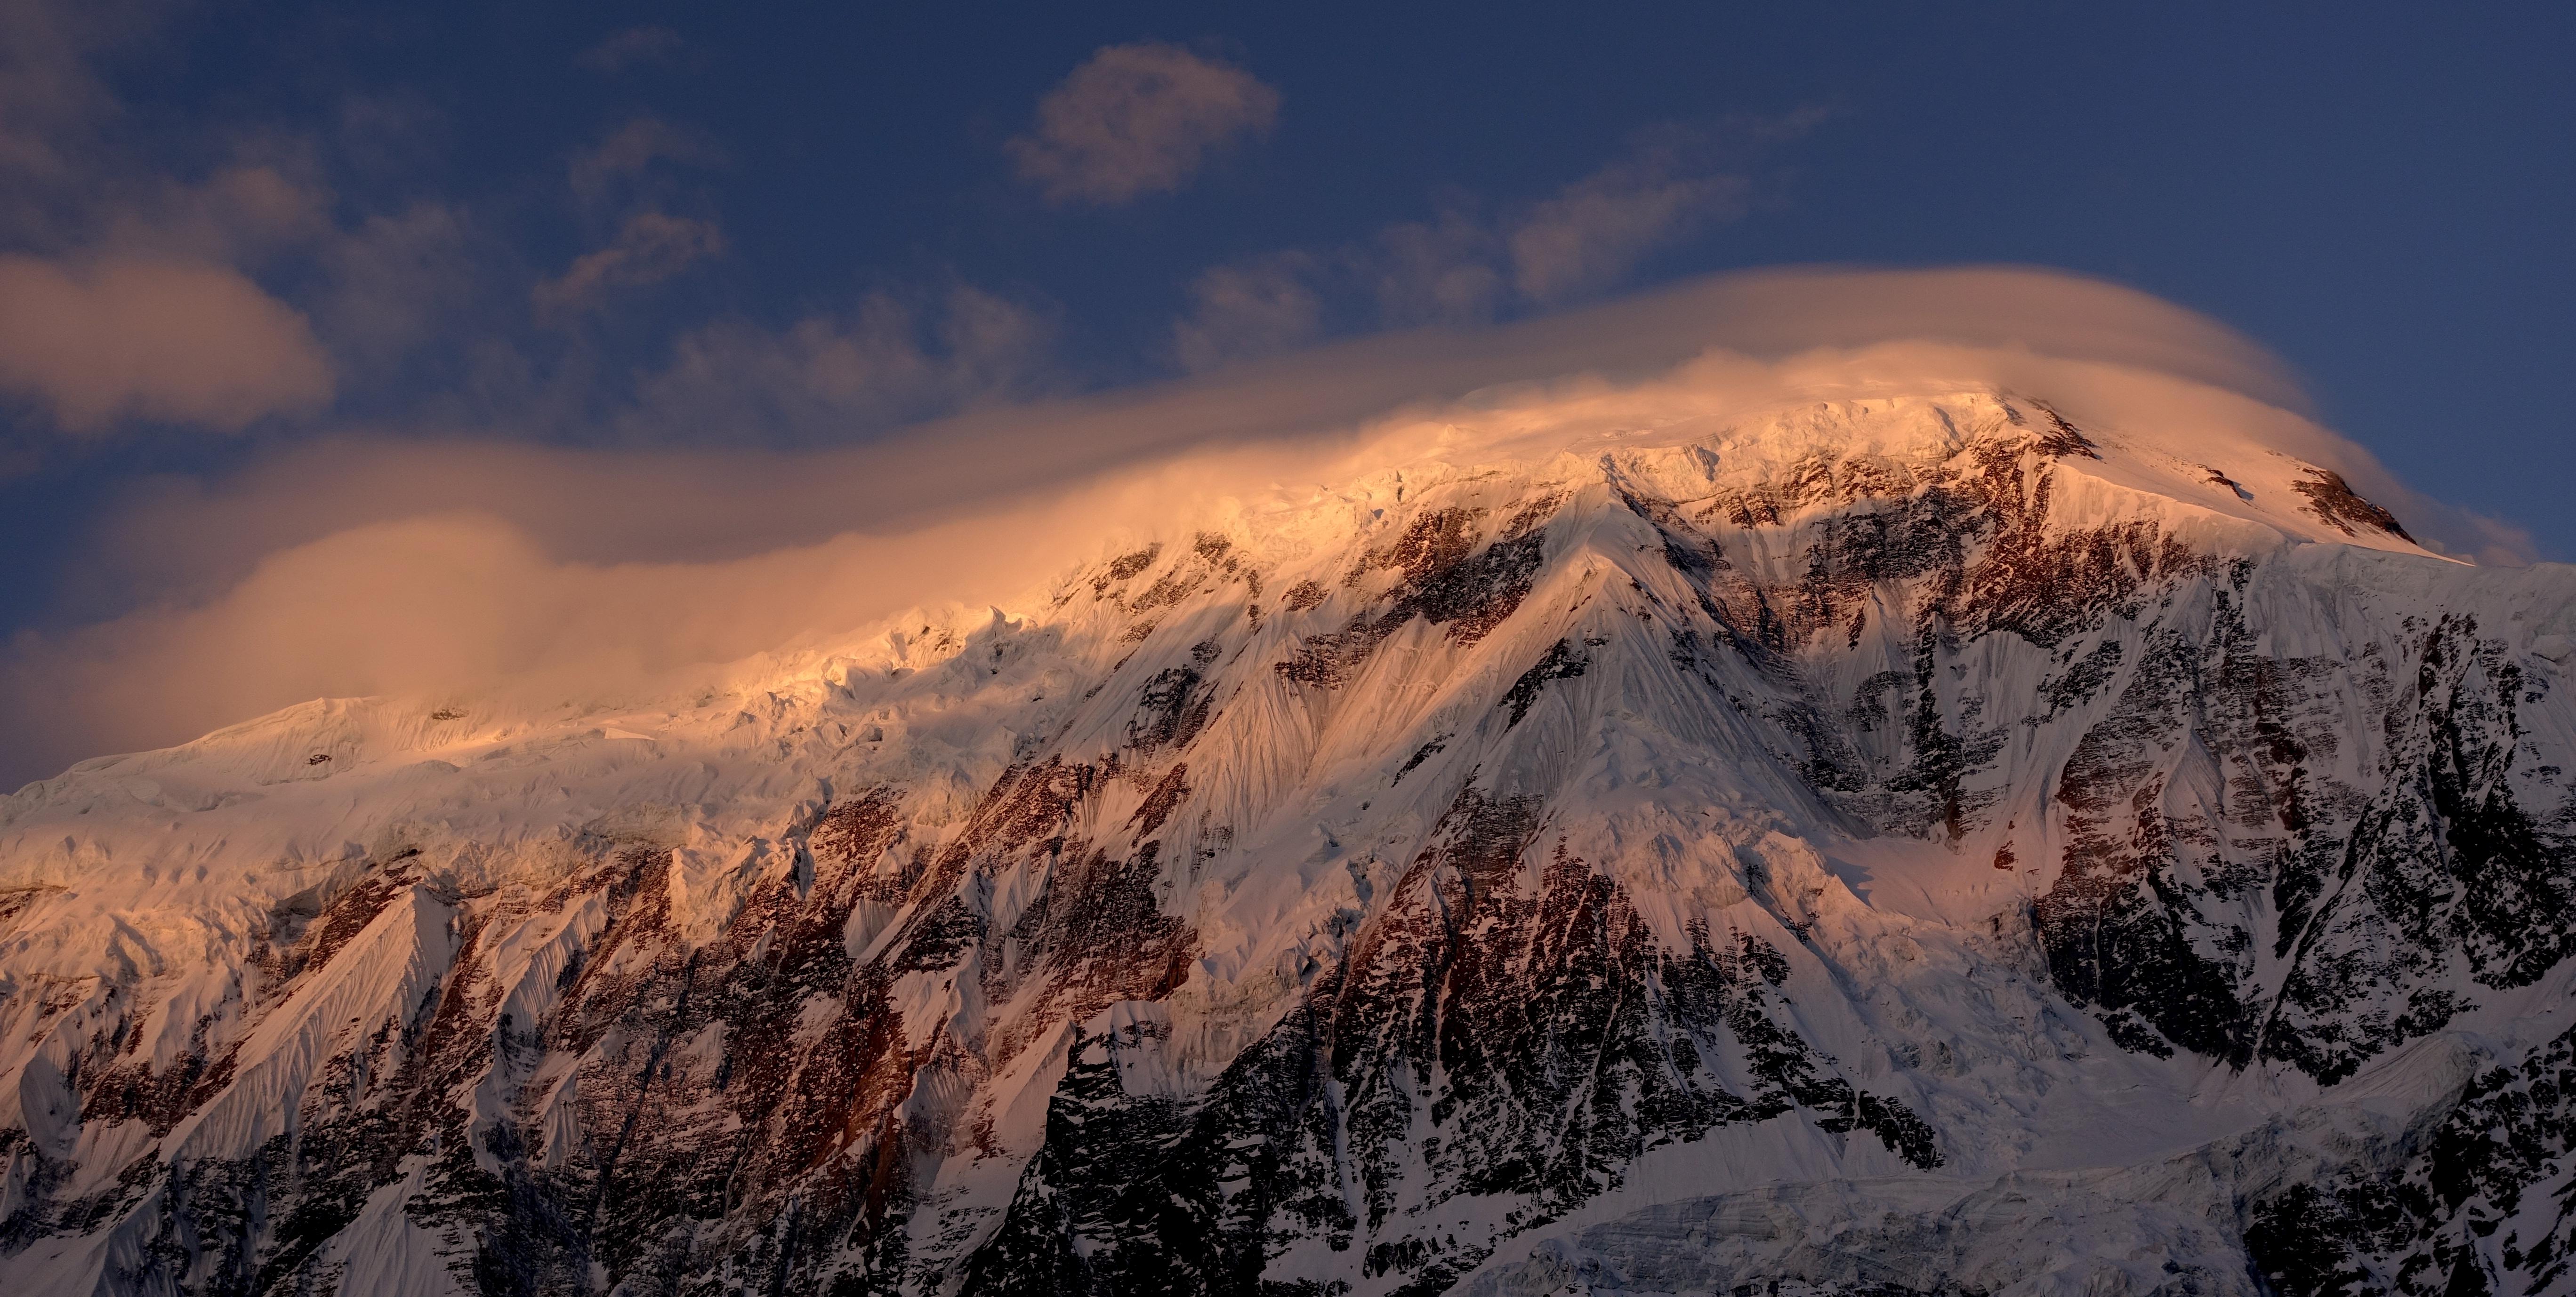 Tilicho im Abendlicht, Nepal (Bild: Felix Berg 2017)